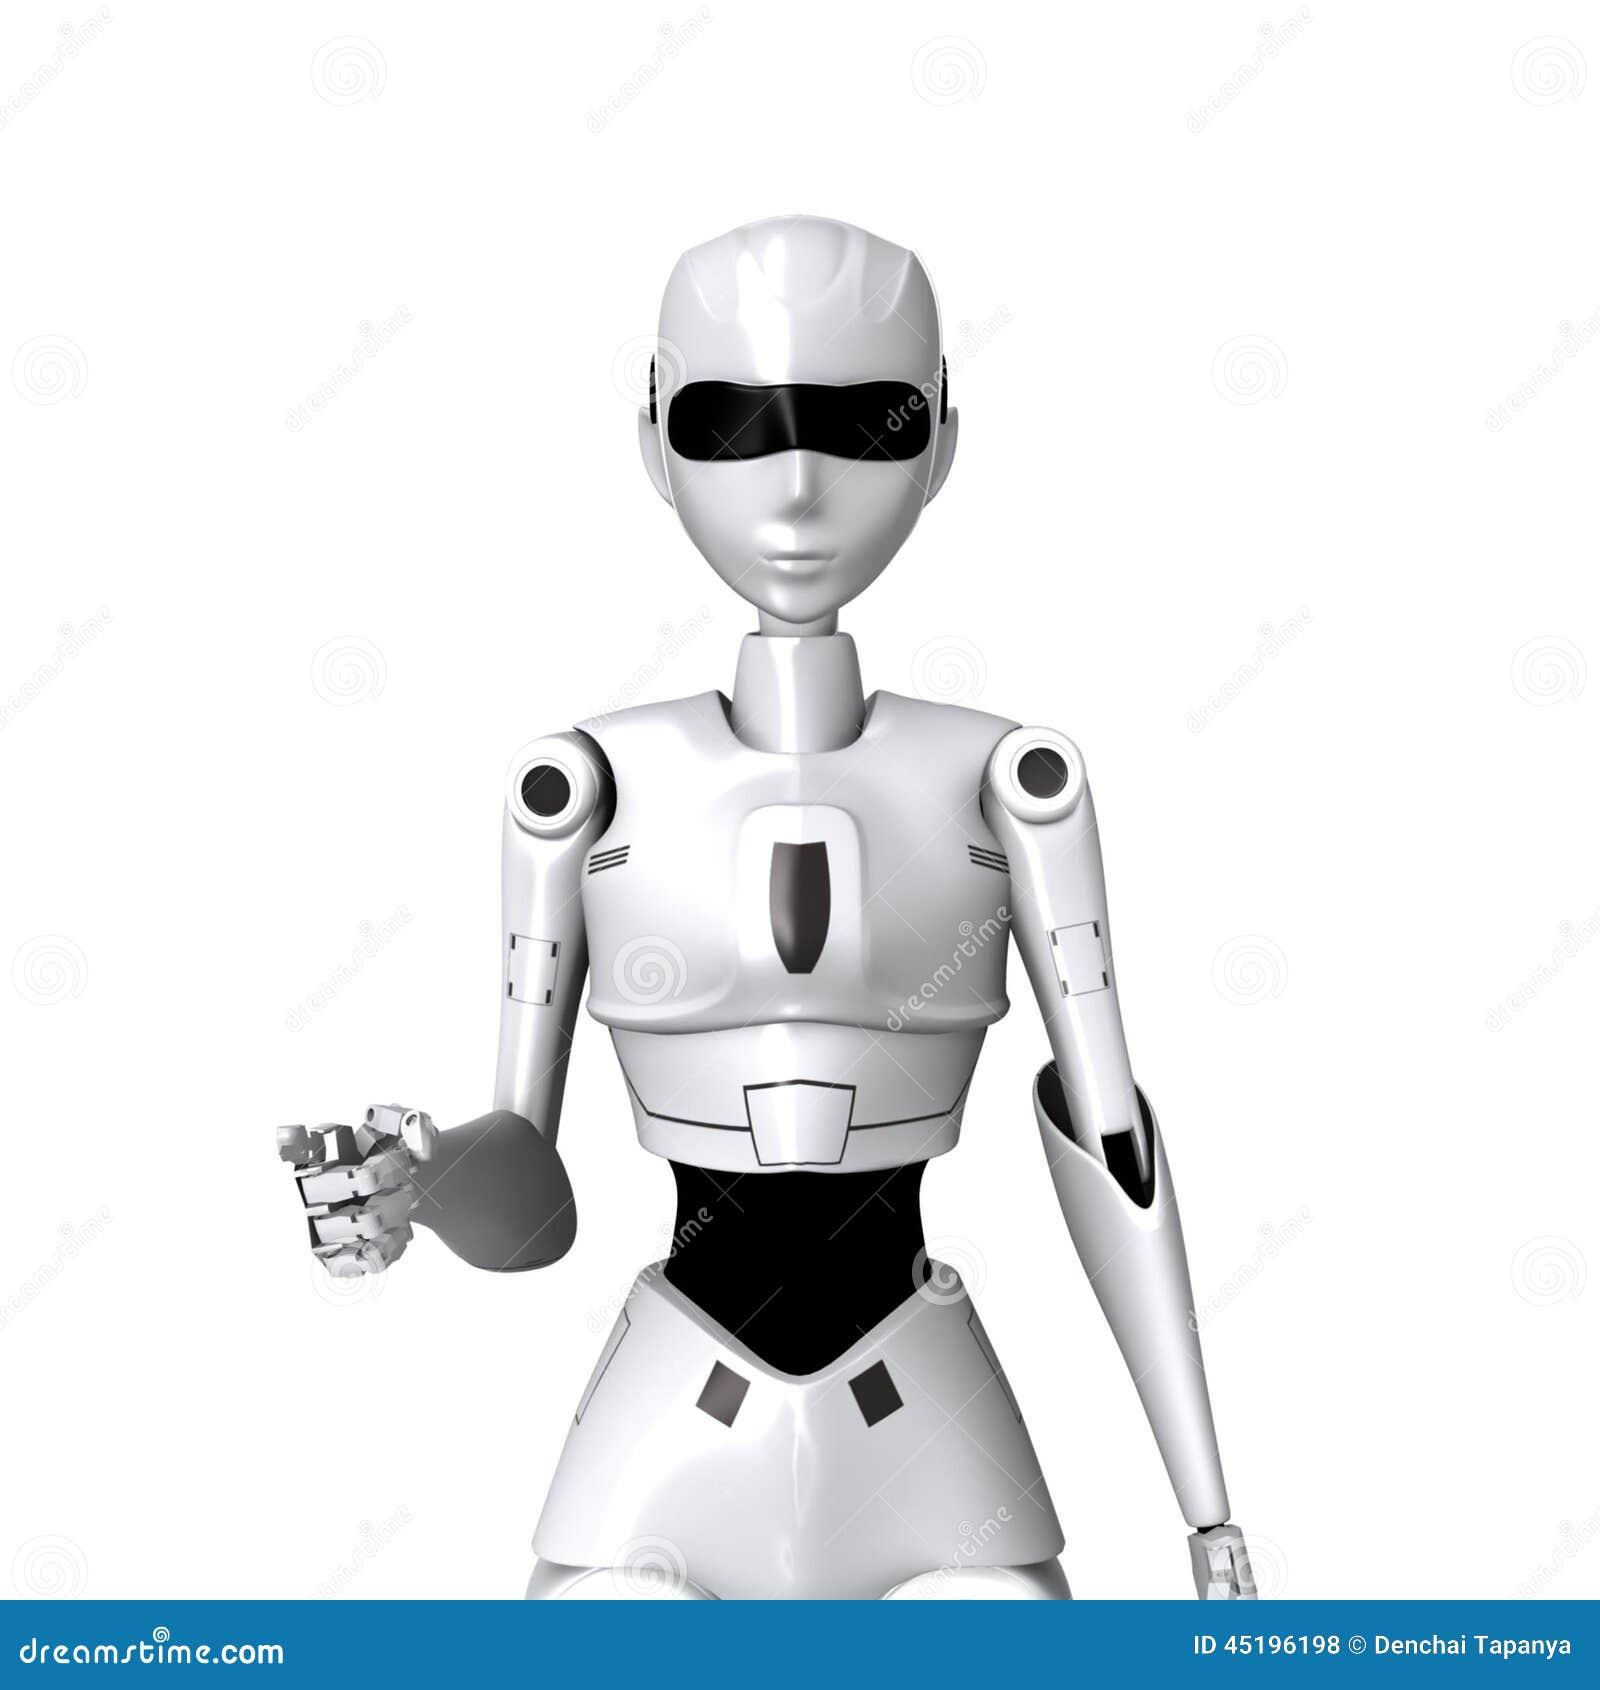 Robot and you pose